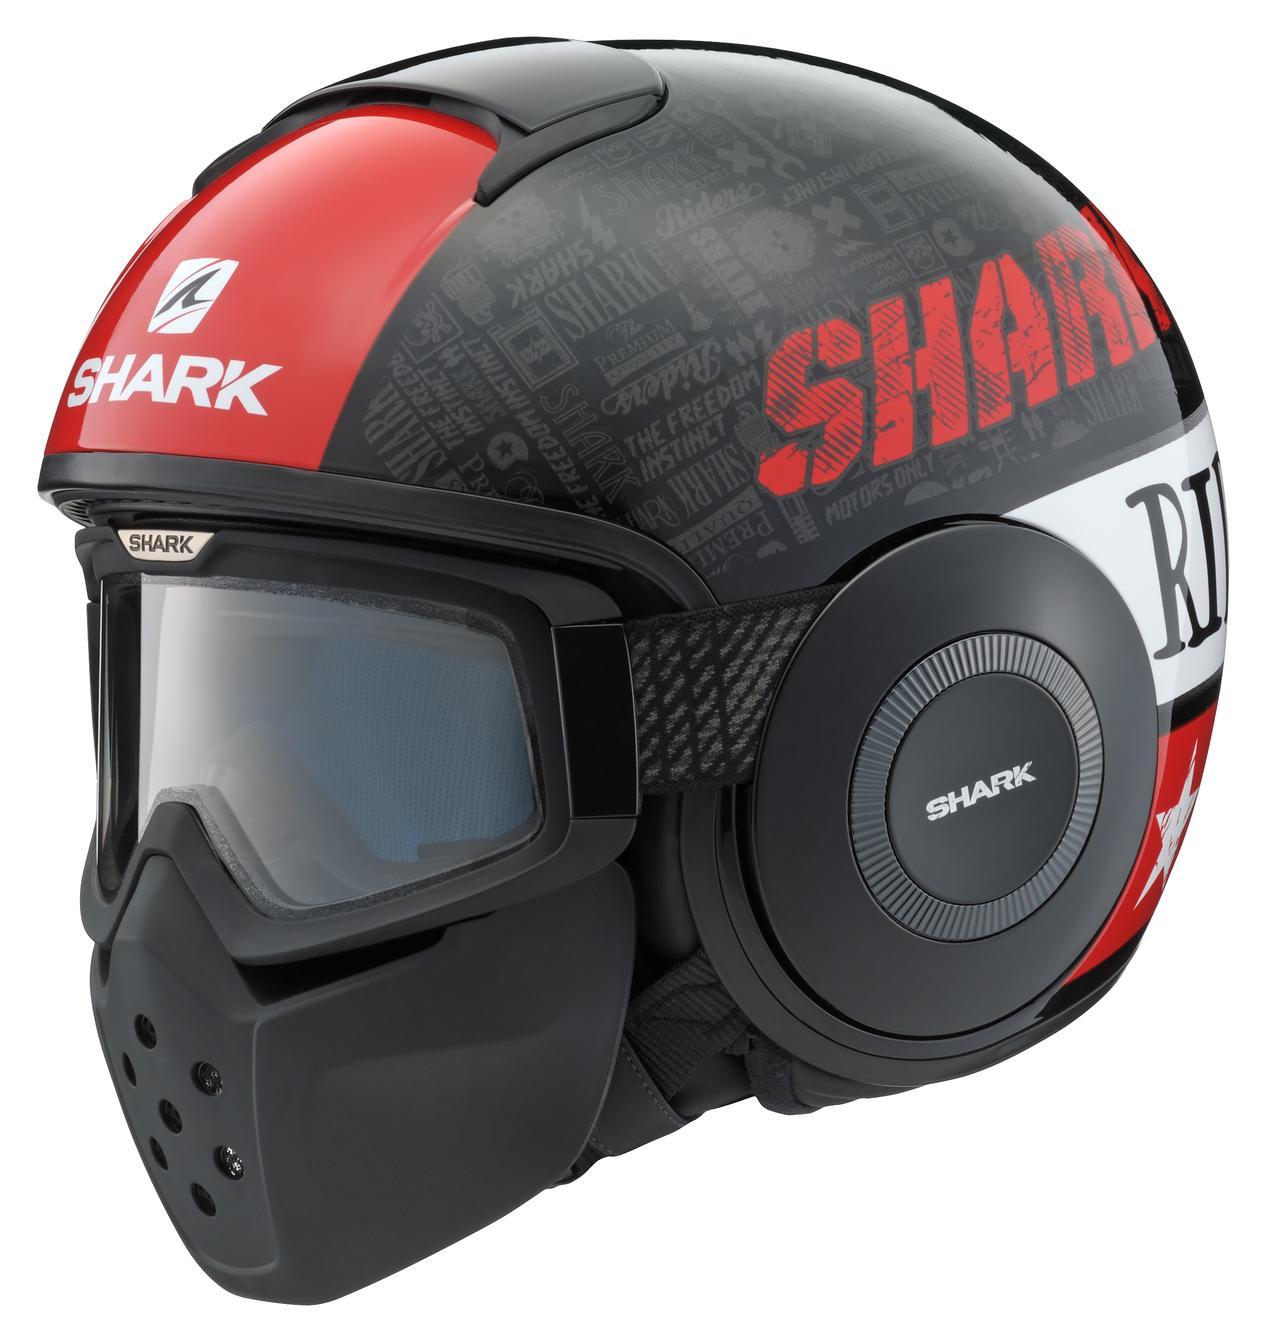 SHARK(シャーク)製ヘルメット...